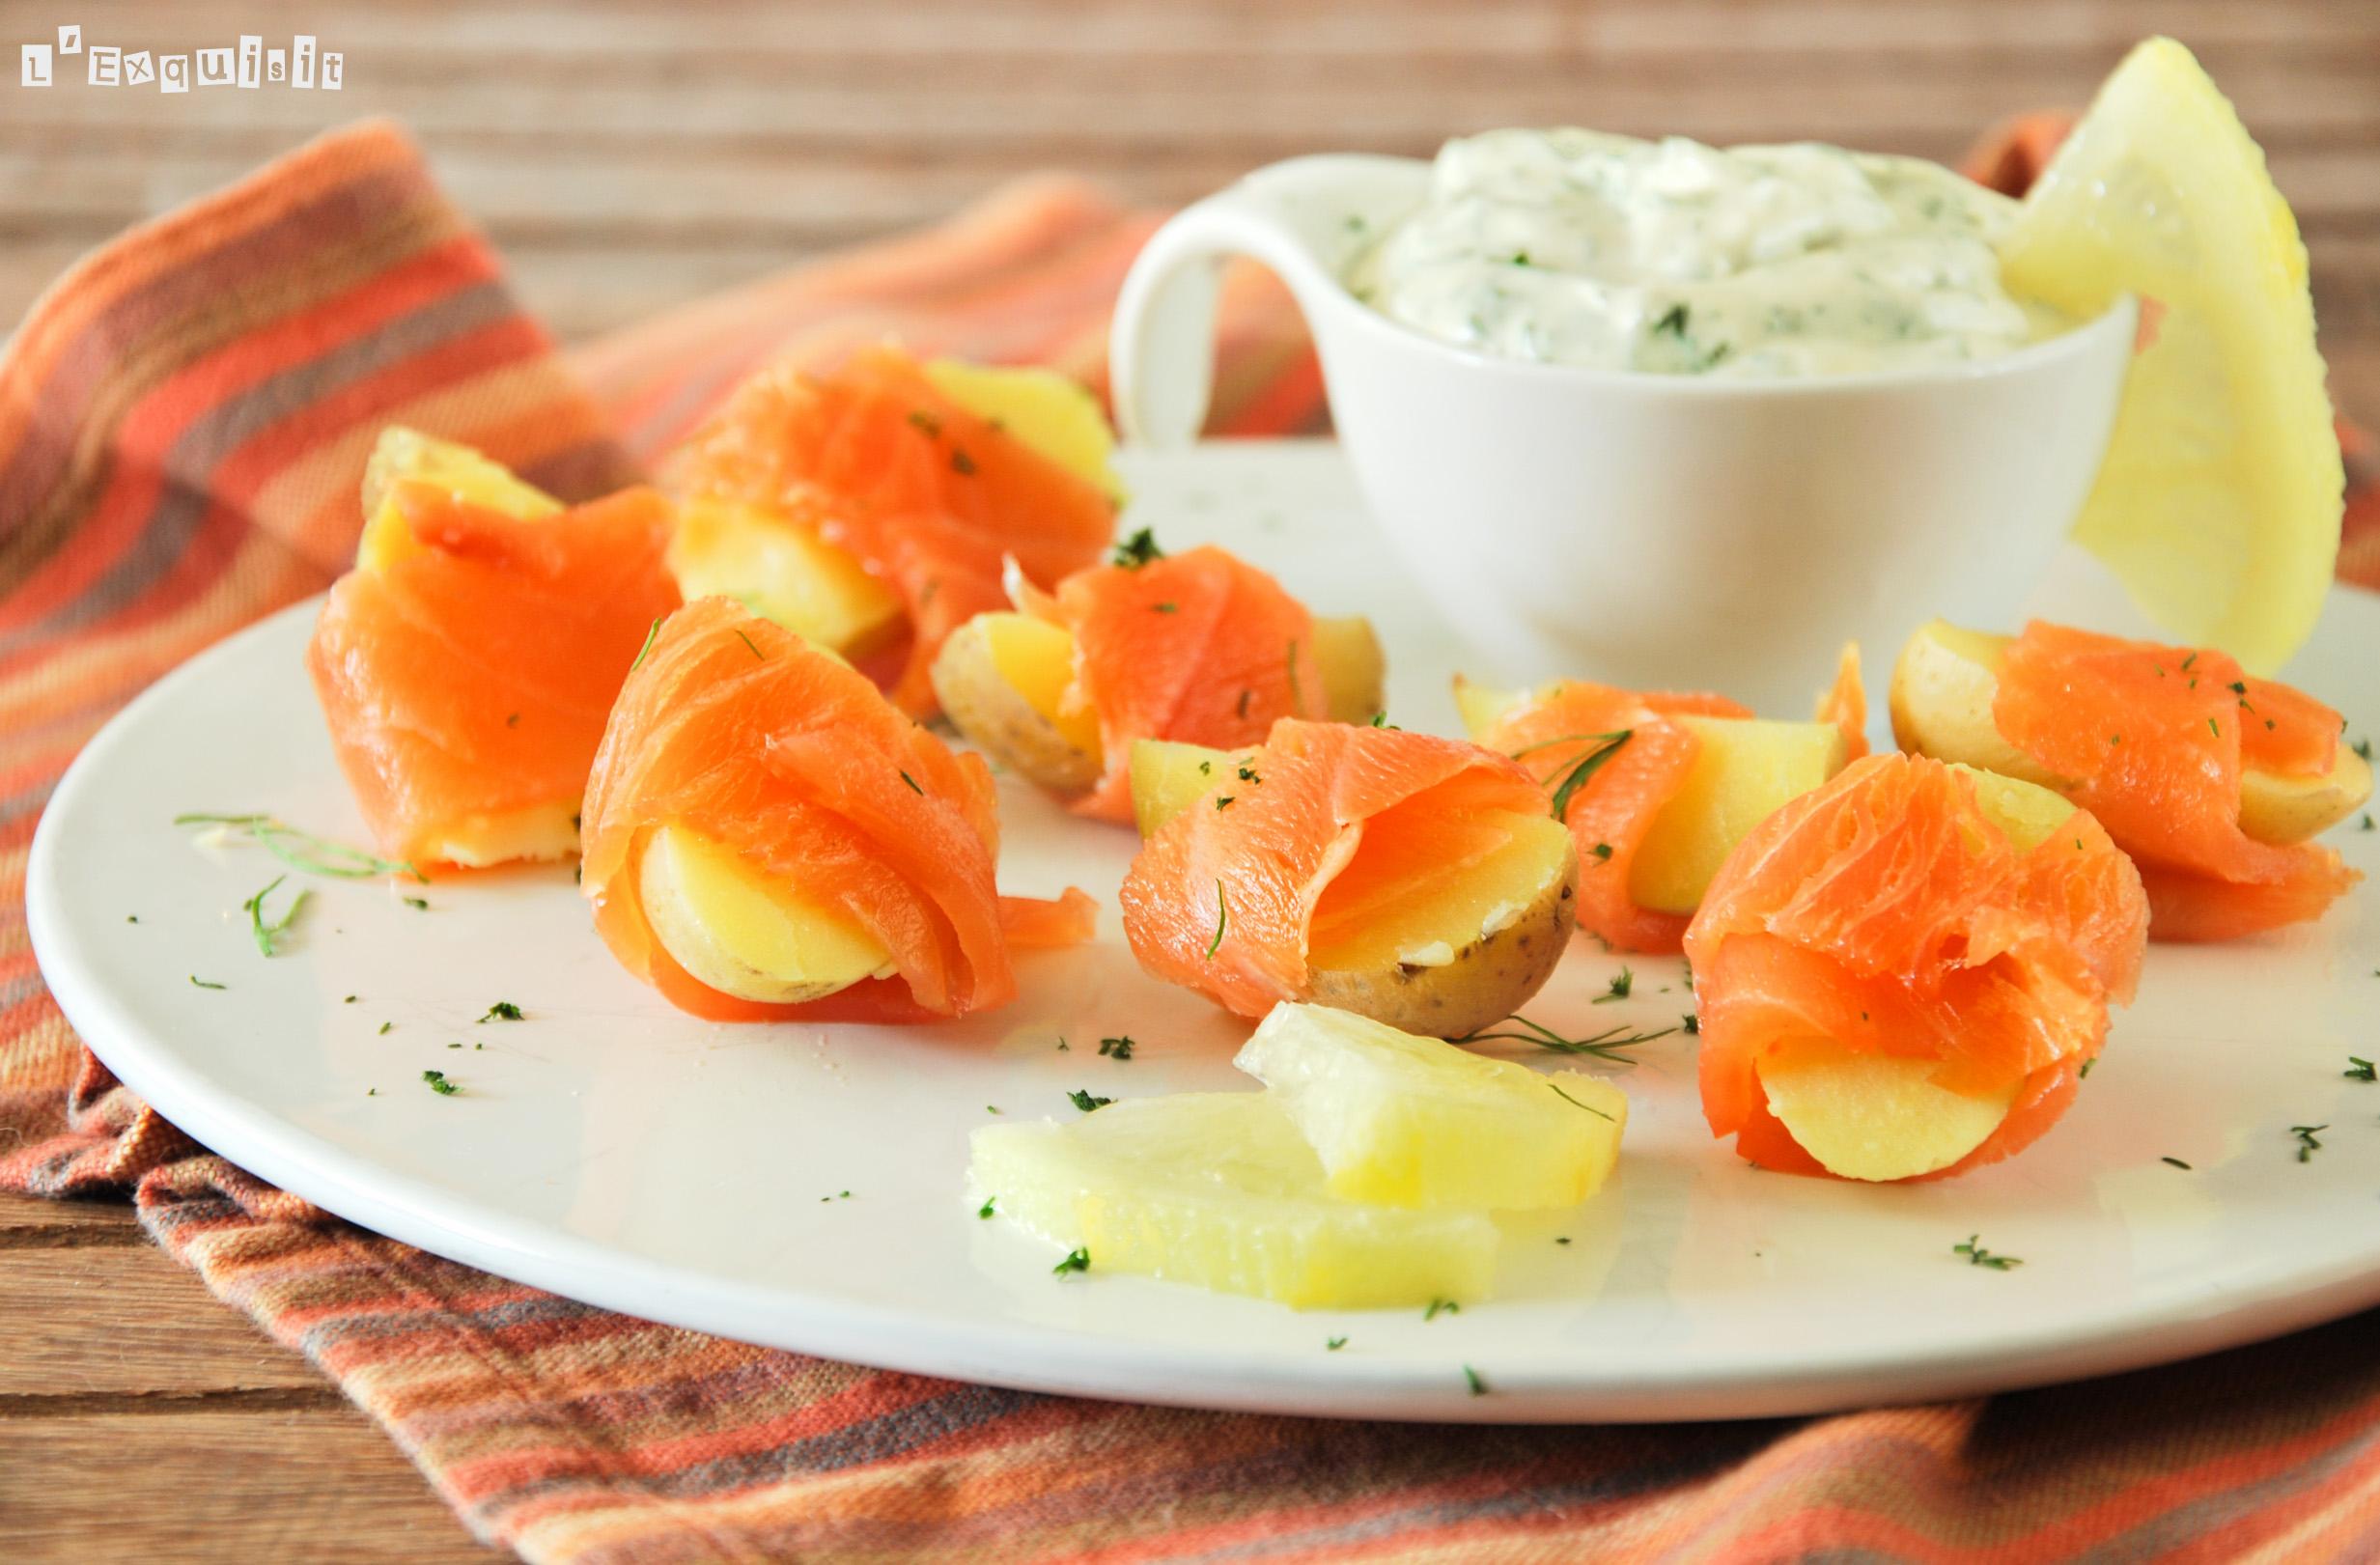 Bocaditos de patata y salmón